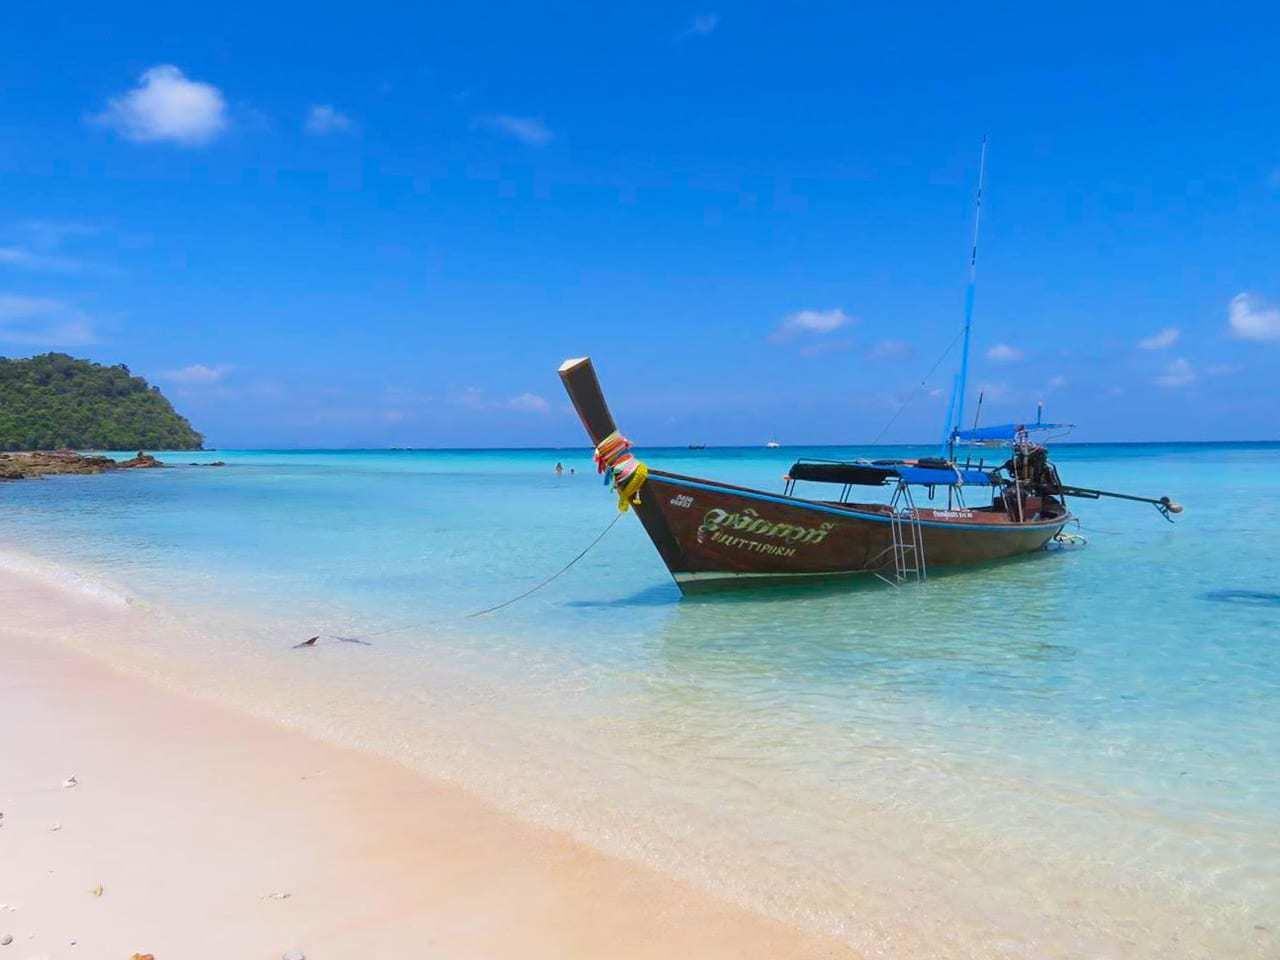 Koh Rok in Thailand